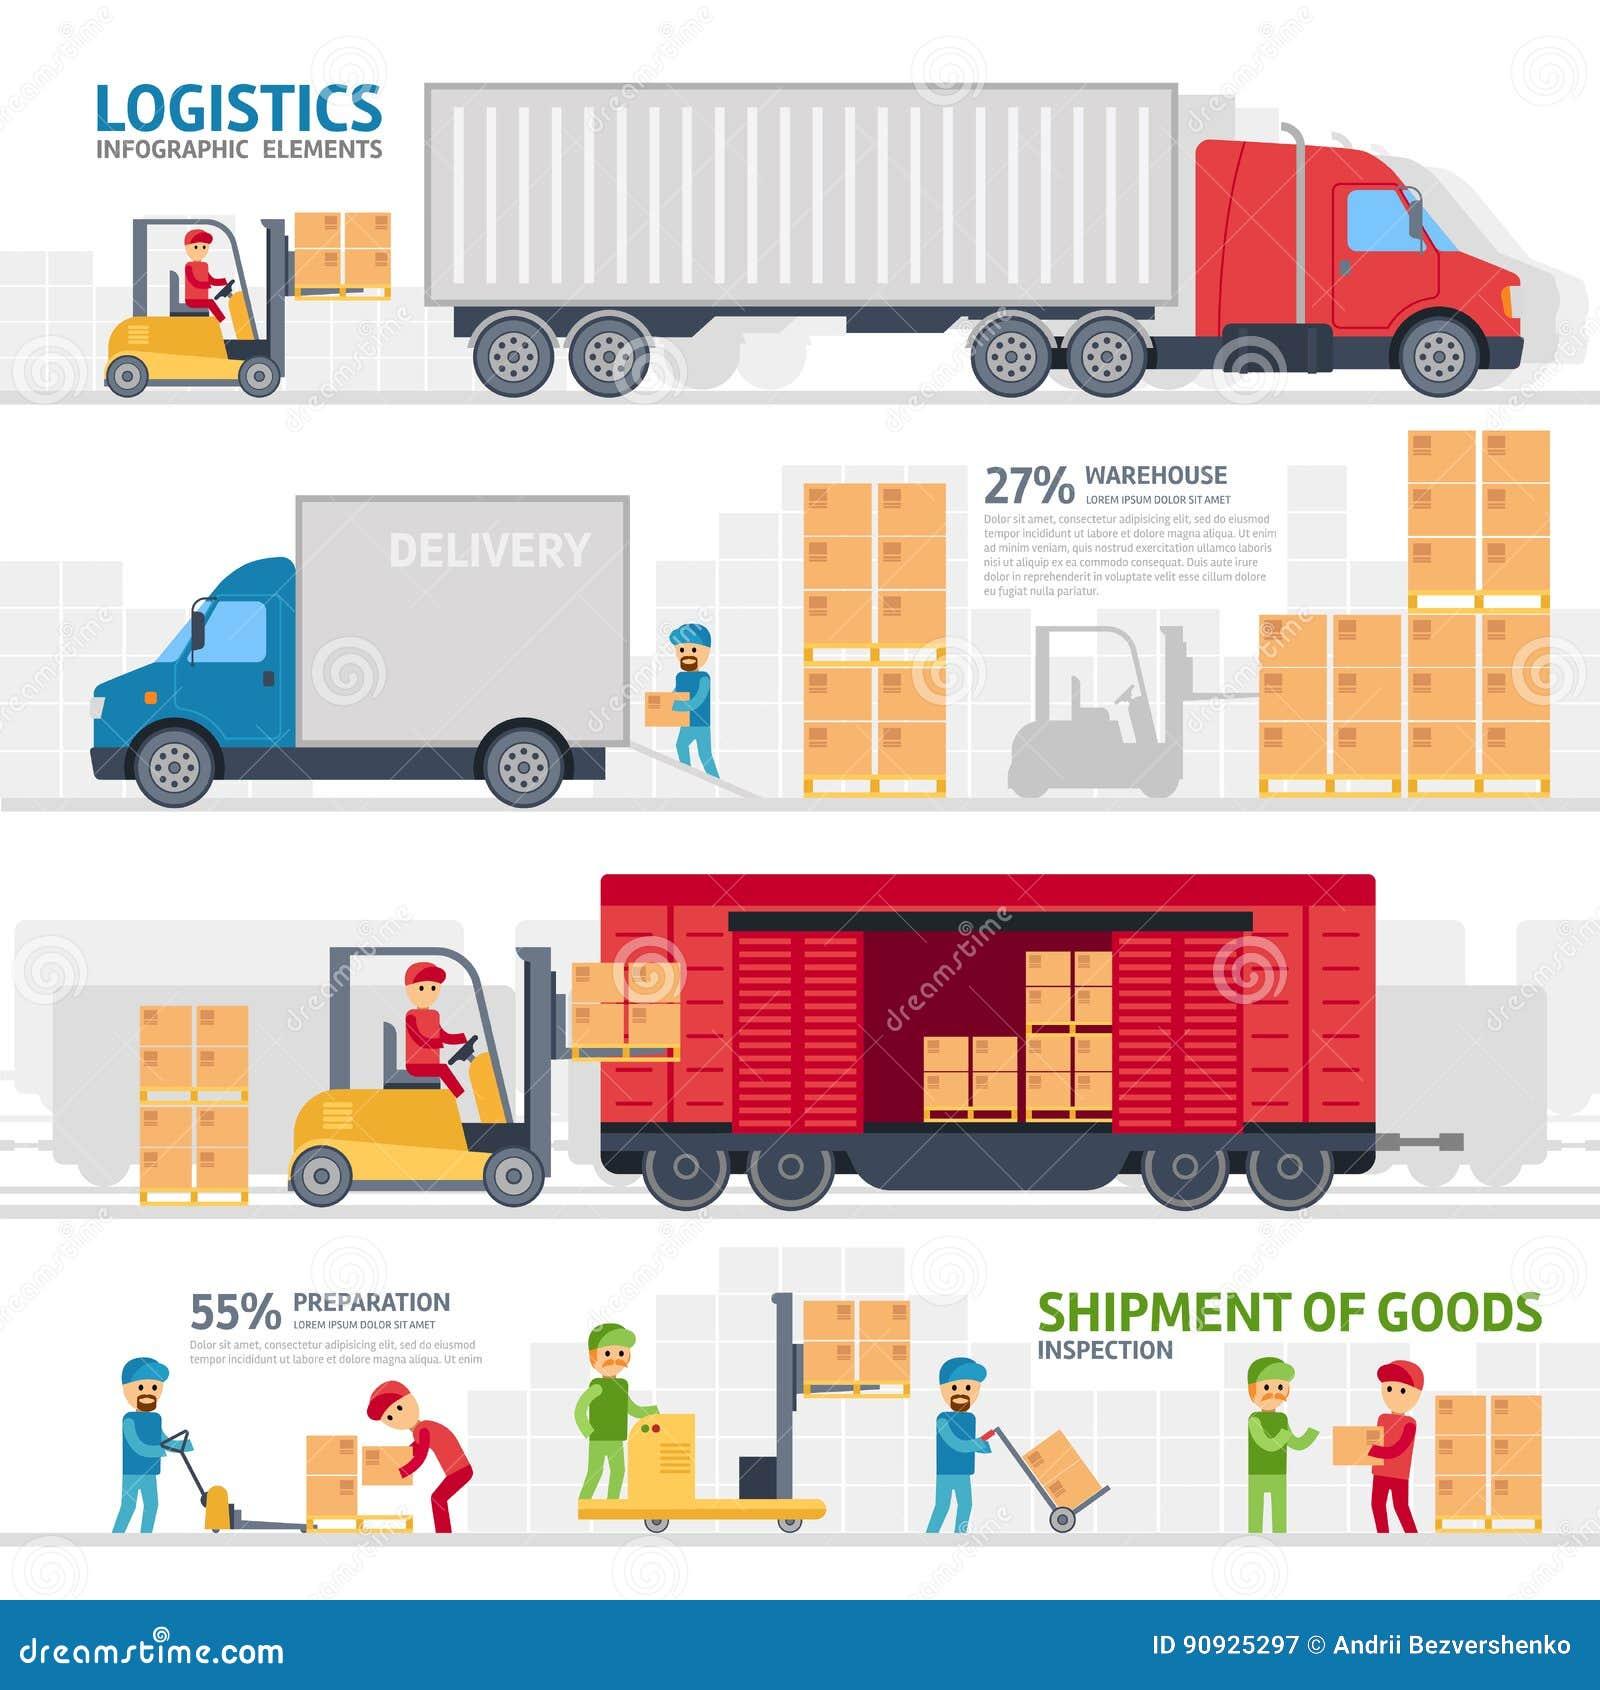 Sistema de elementos infographic logístico con el transporte, entrega, envío, carretilla elevadora en el almacén, cargamento del